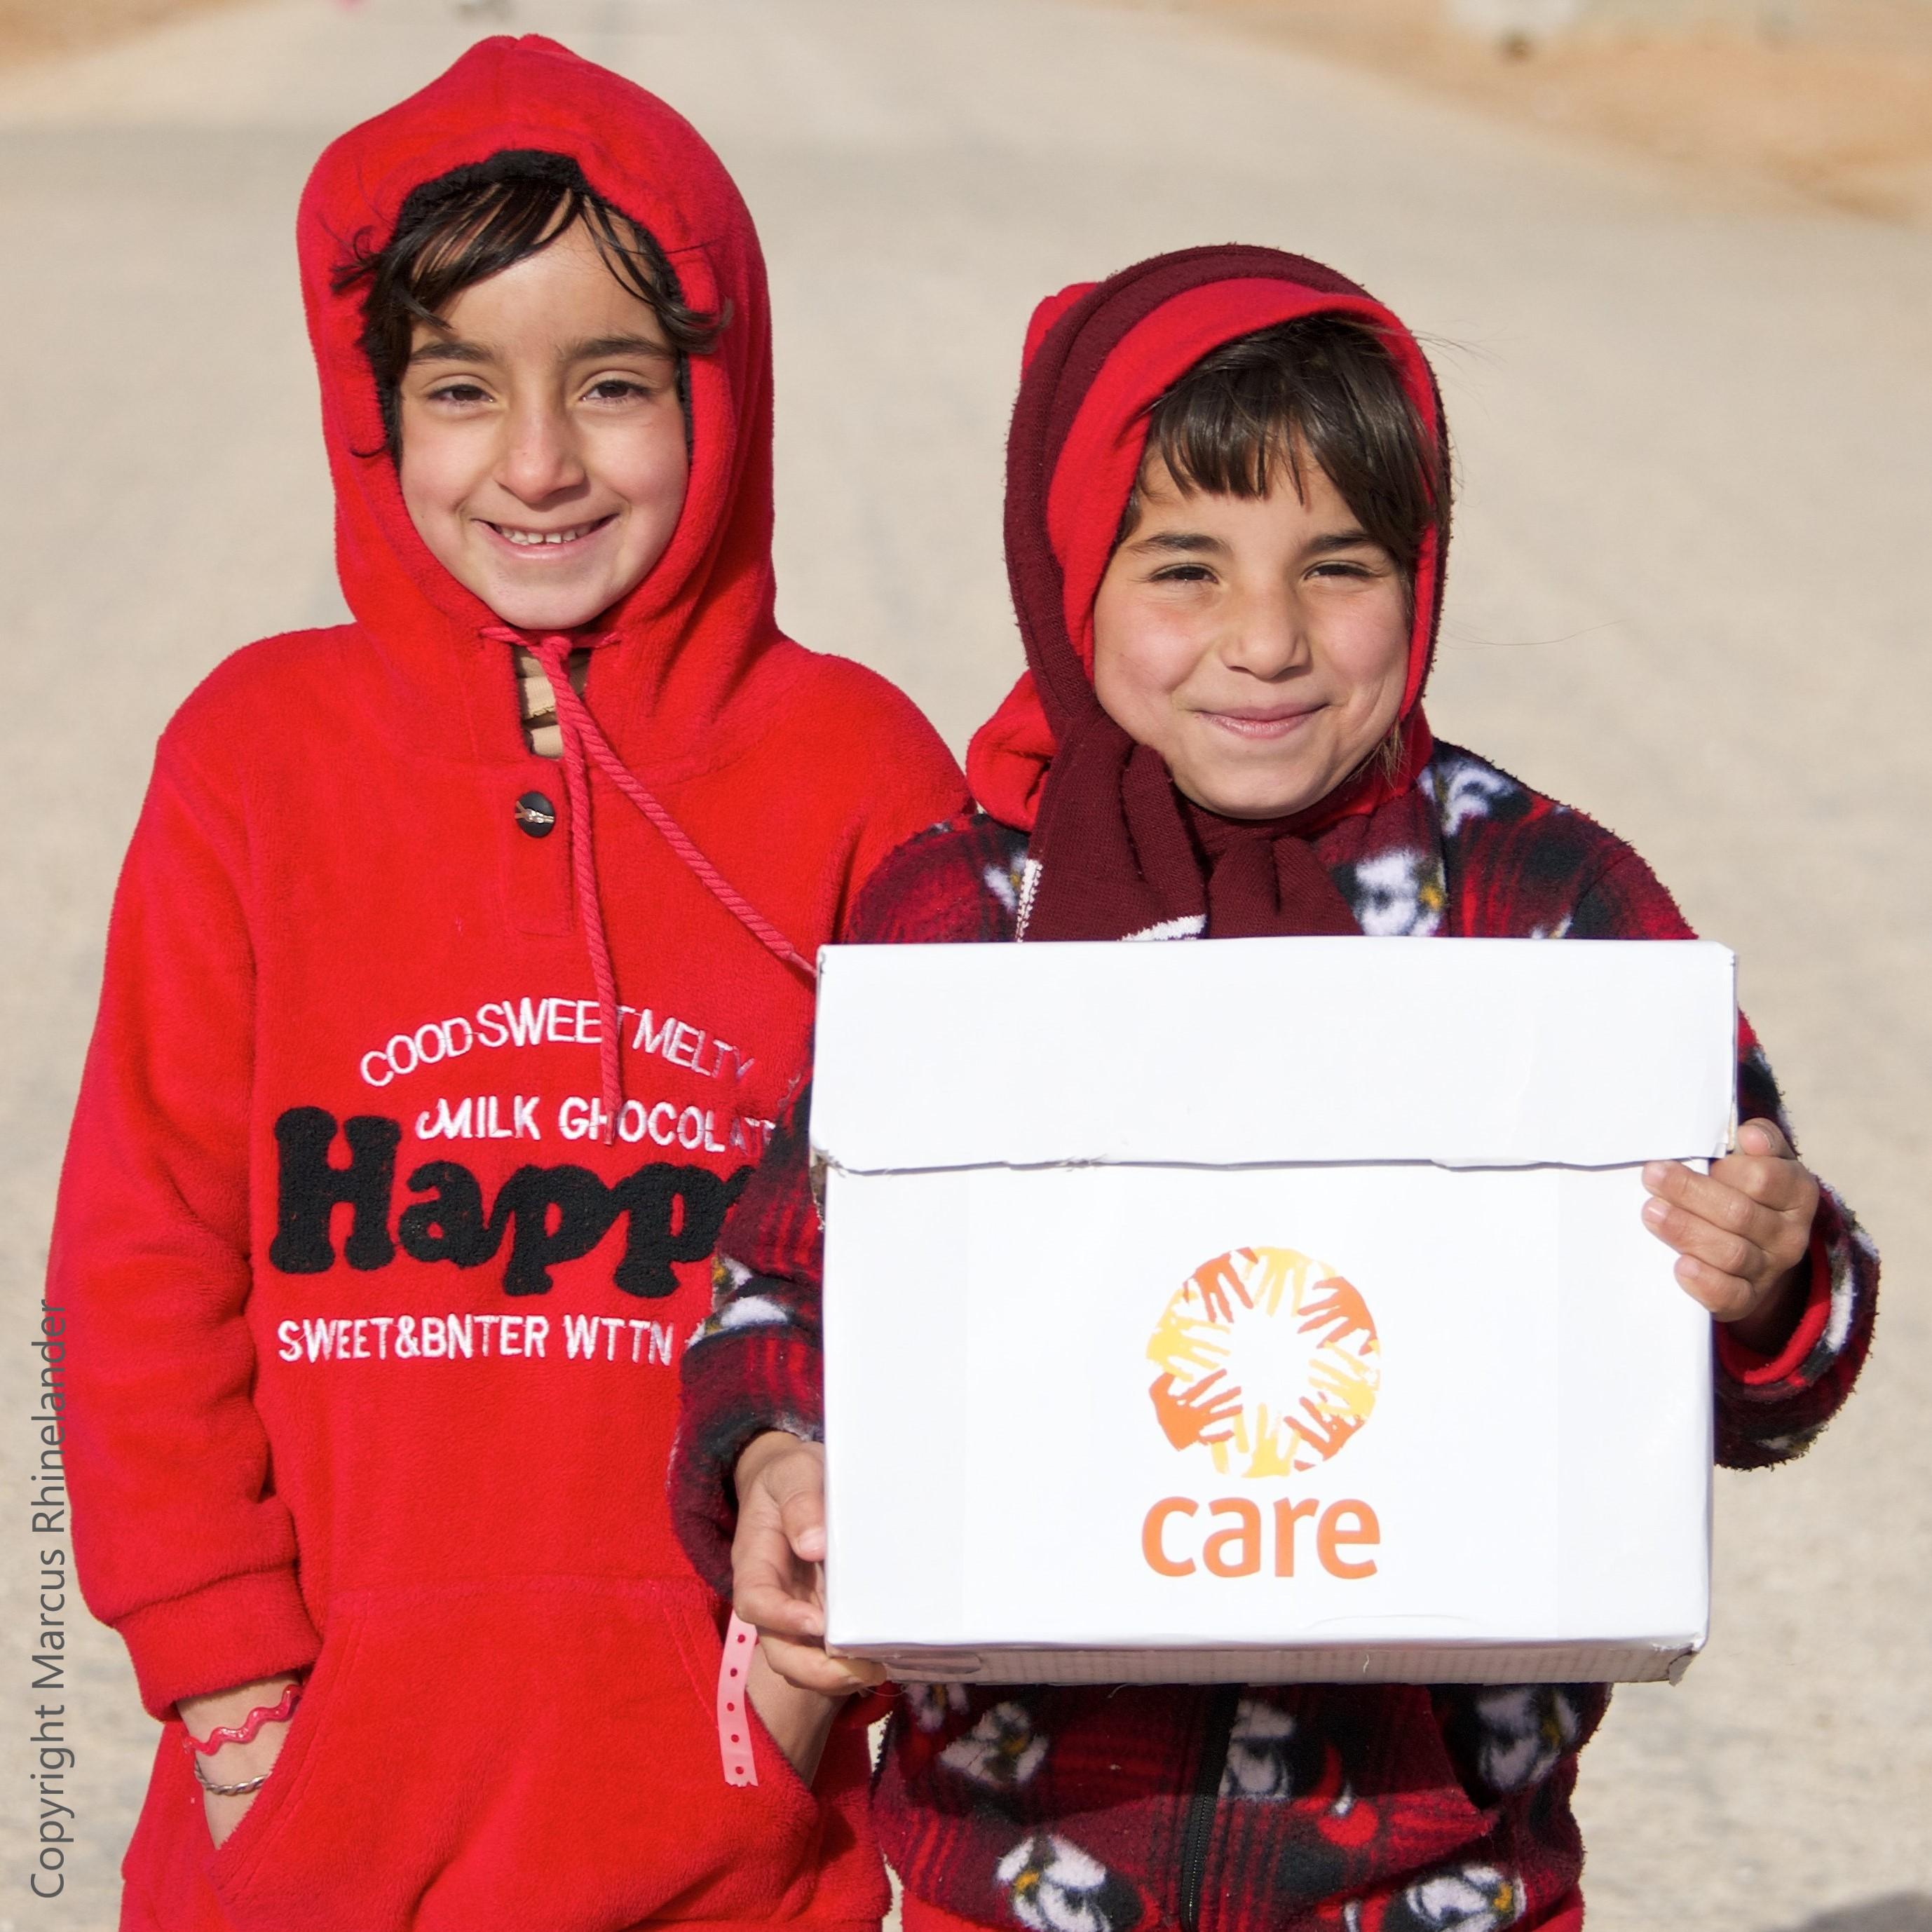 Gemeinsam für eine gesündere Welt: RedCare unterstützt CARE.